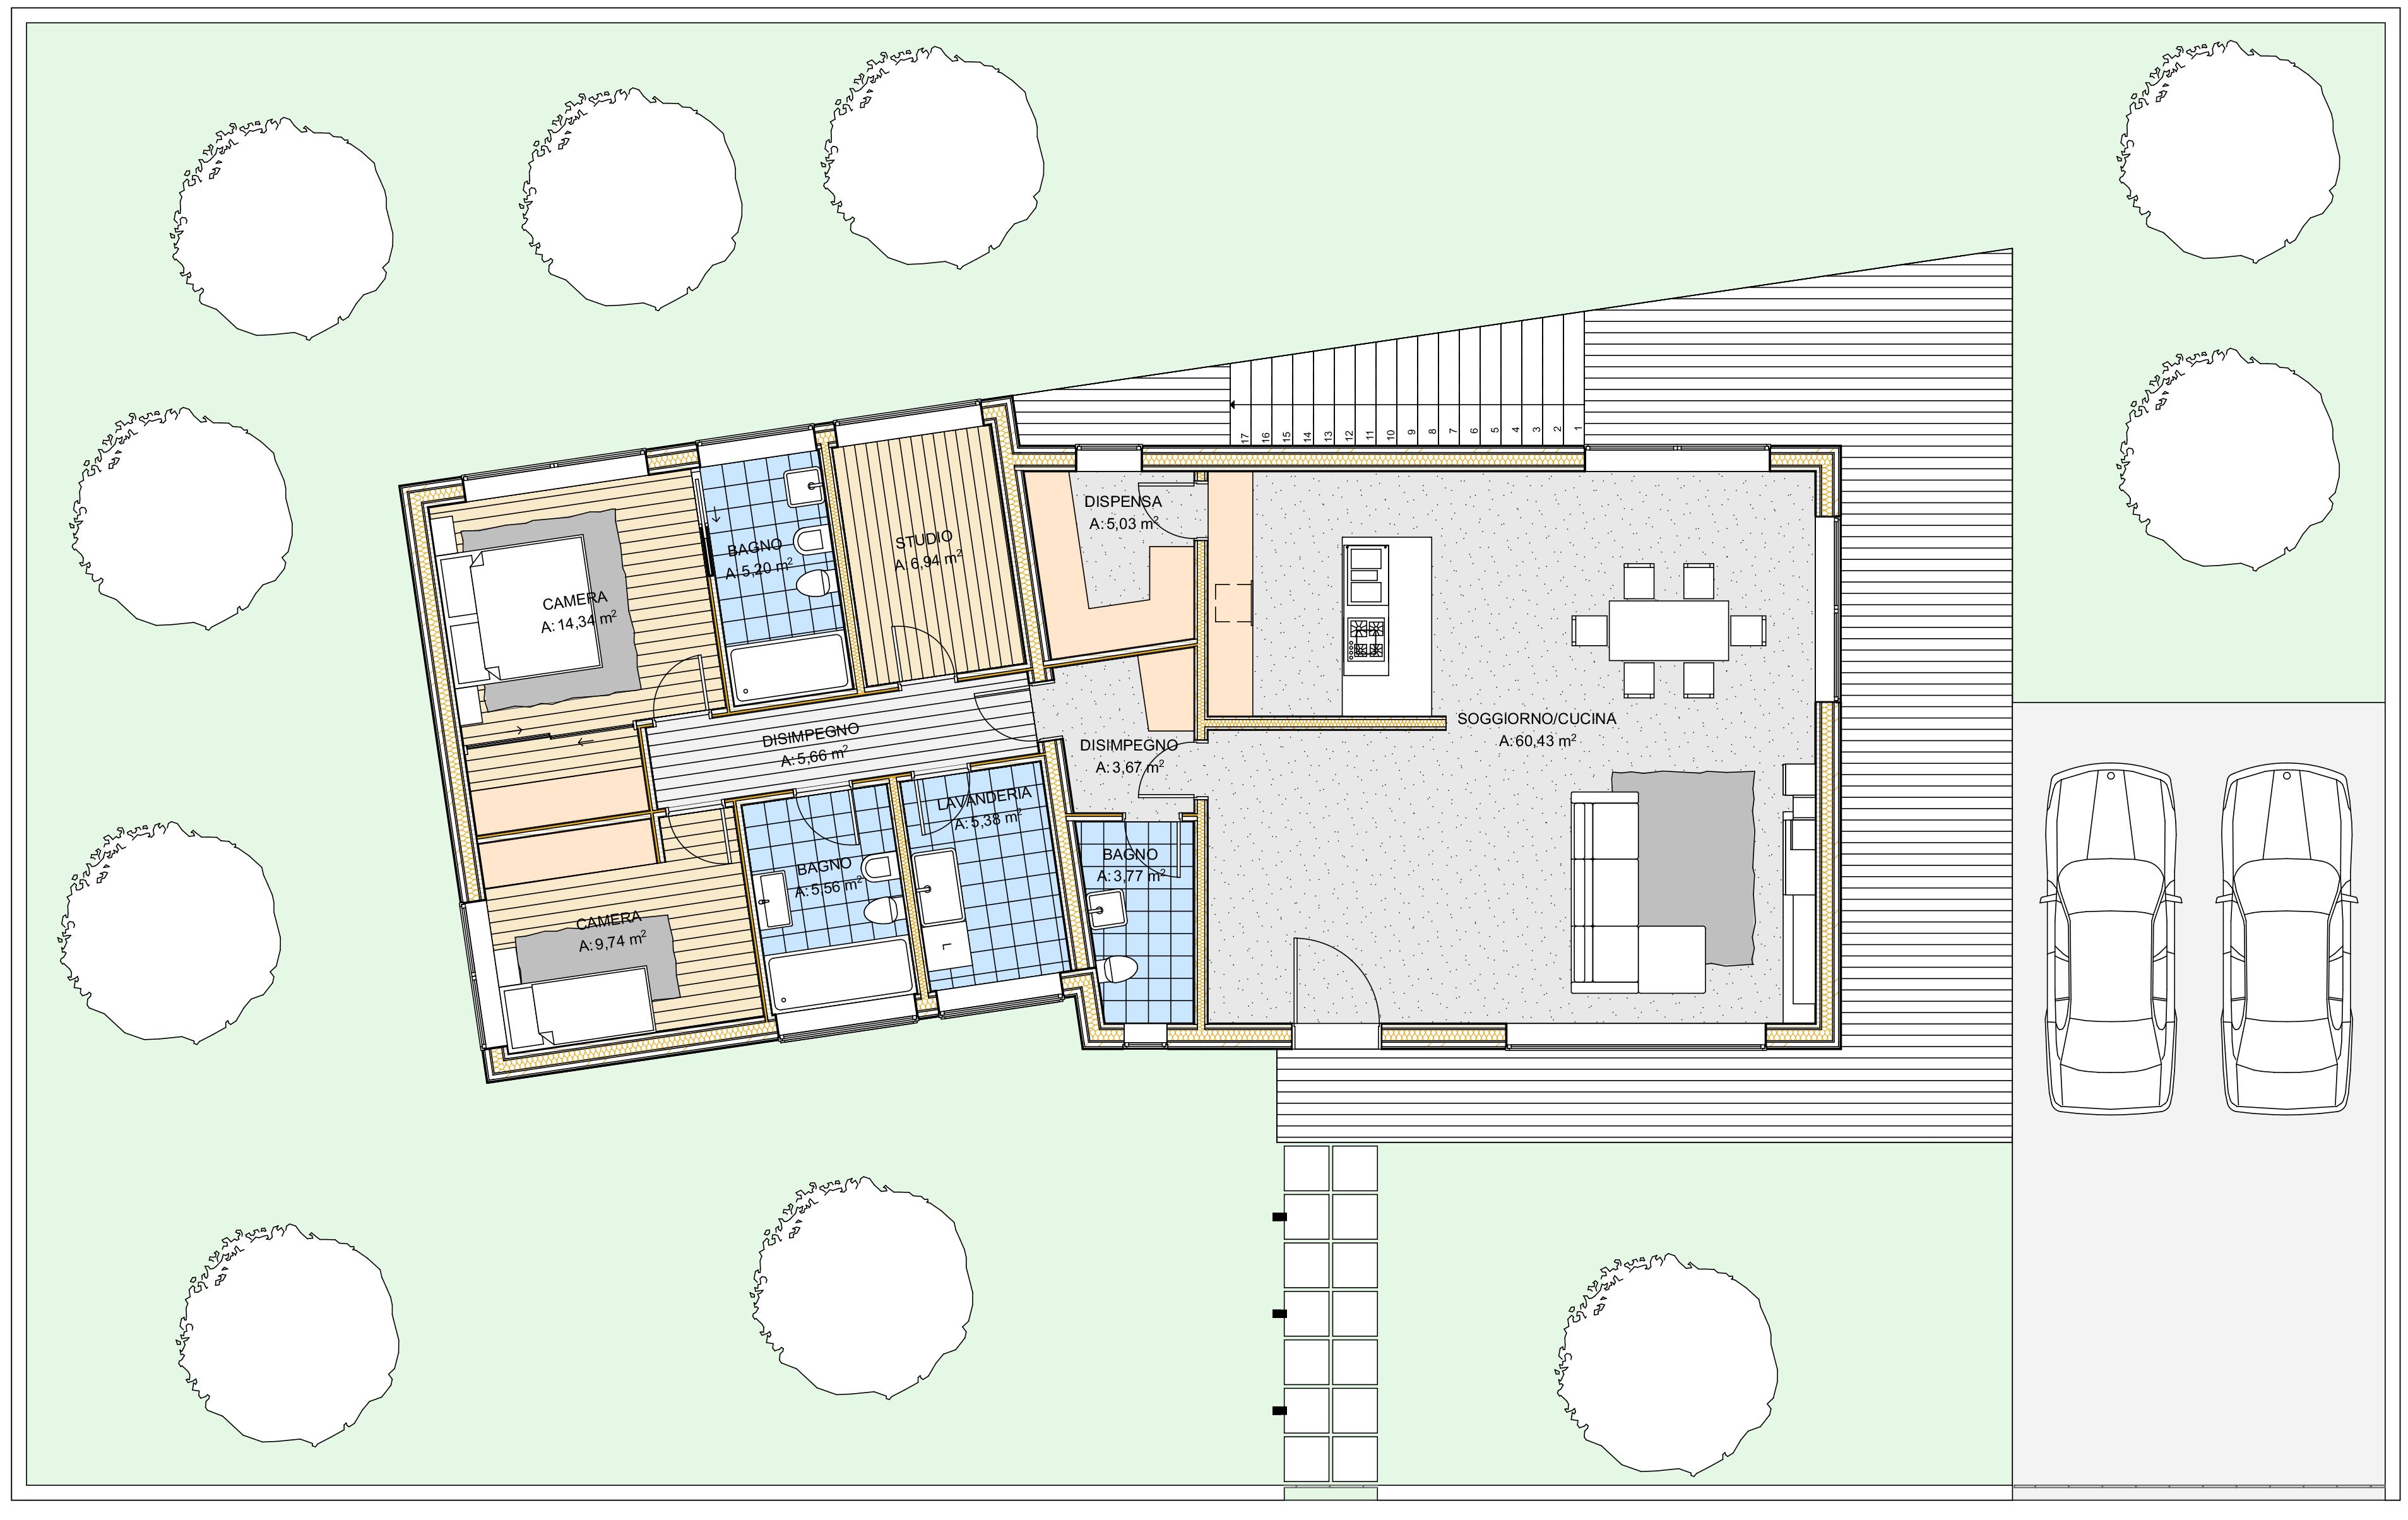 Planimetria della costruzione Casa in Legno modello Martina di Estia House oü